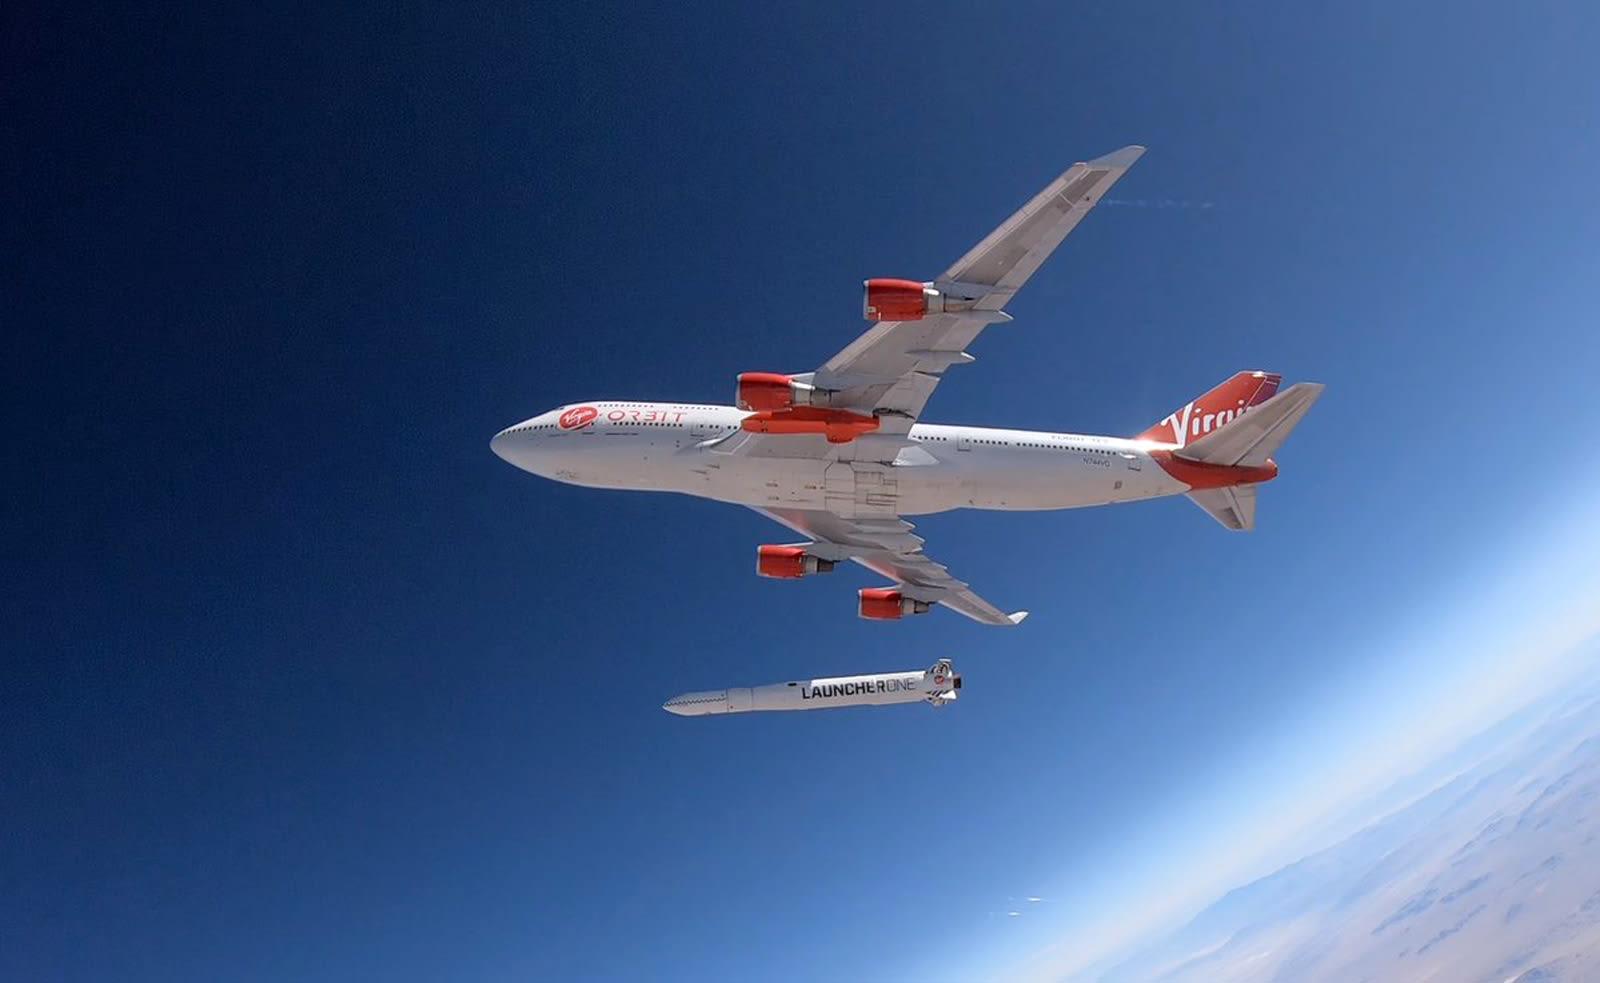 Virgin Orbit's first rocket drop test was a success